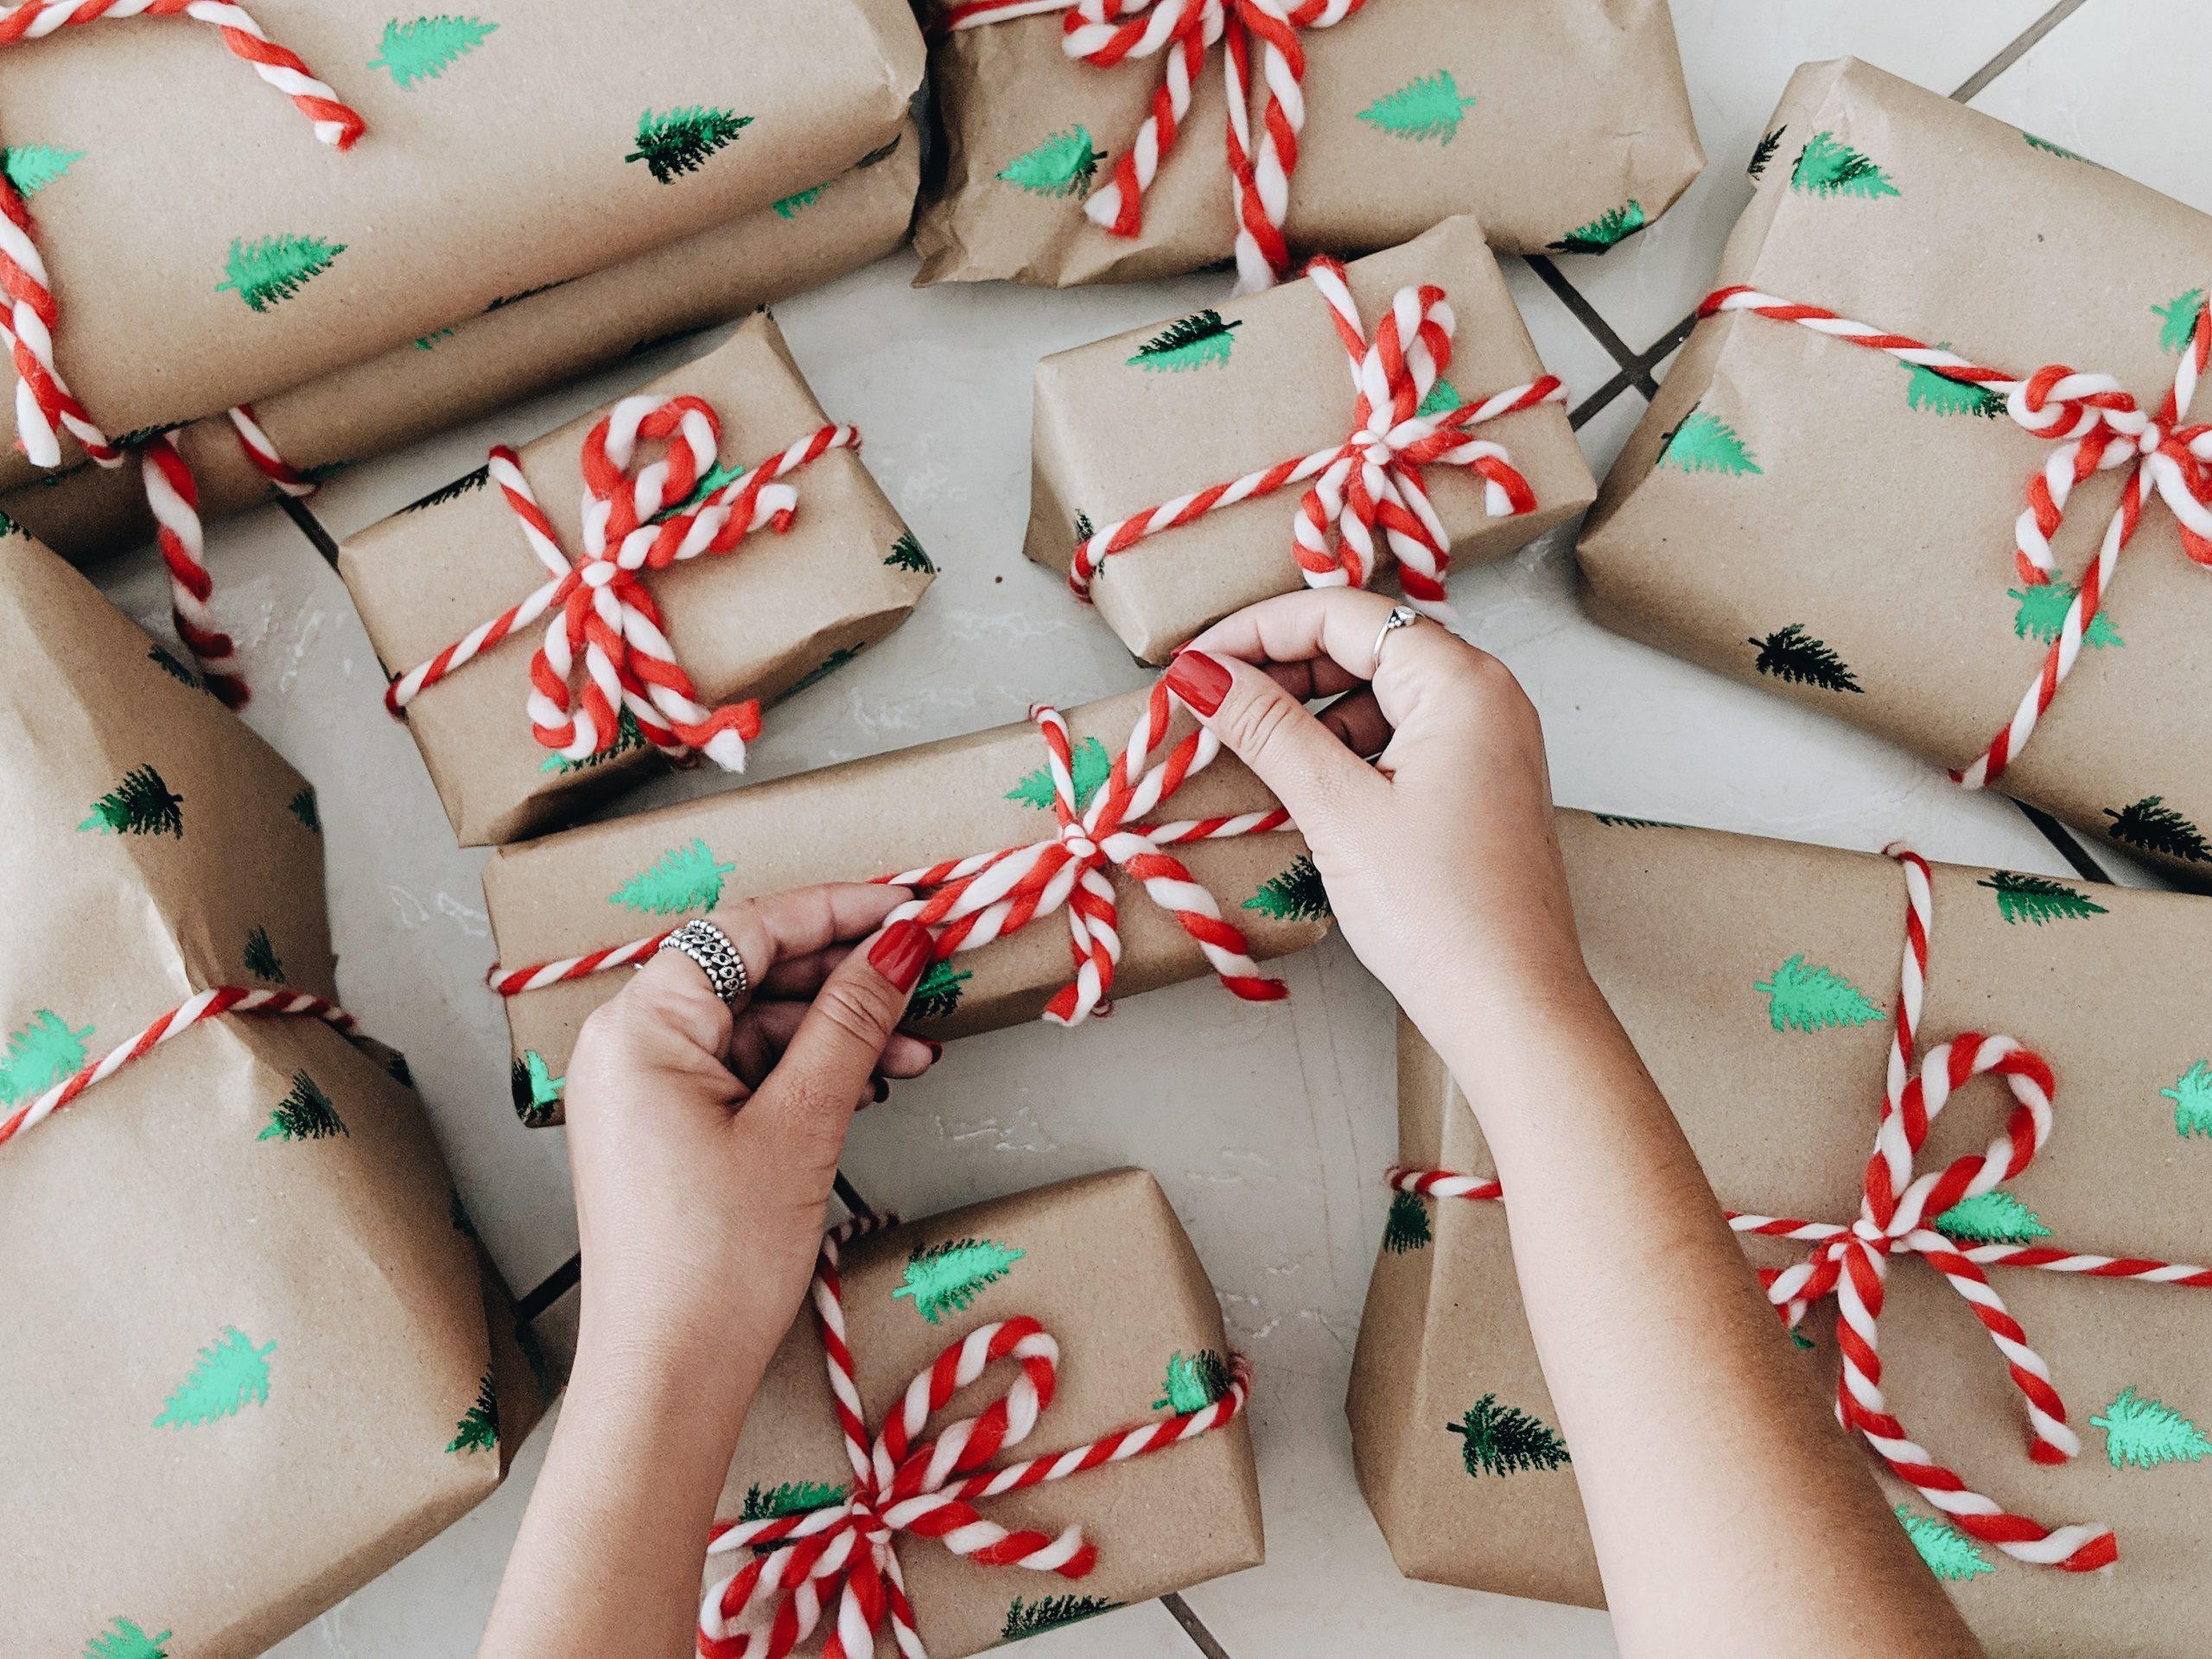 Pinterest e la guida ai regali di Natale